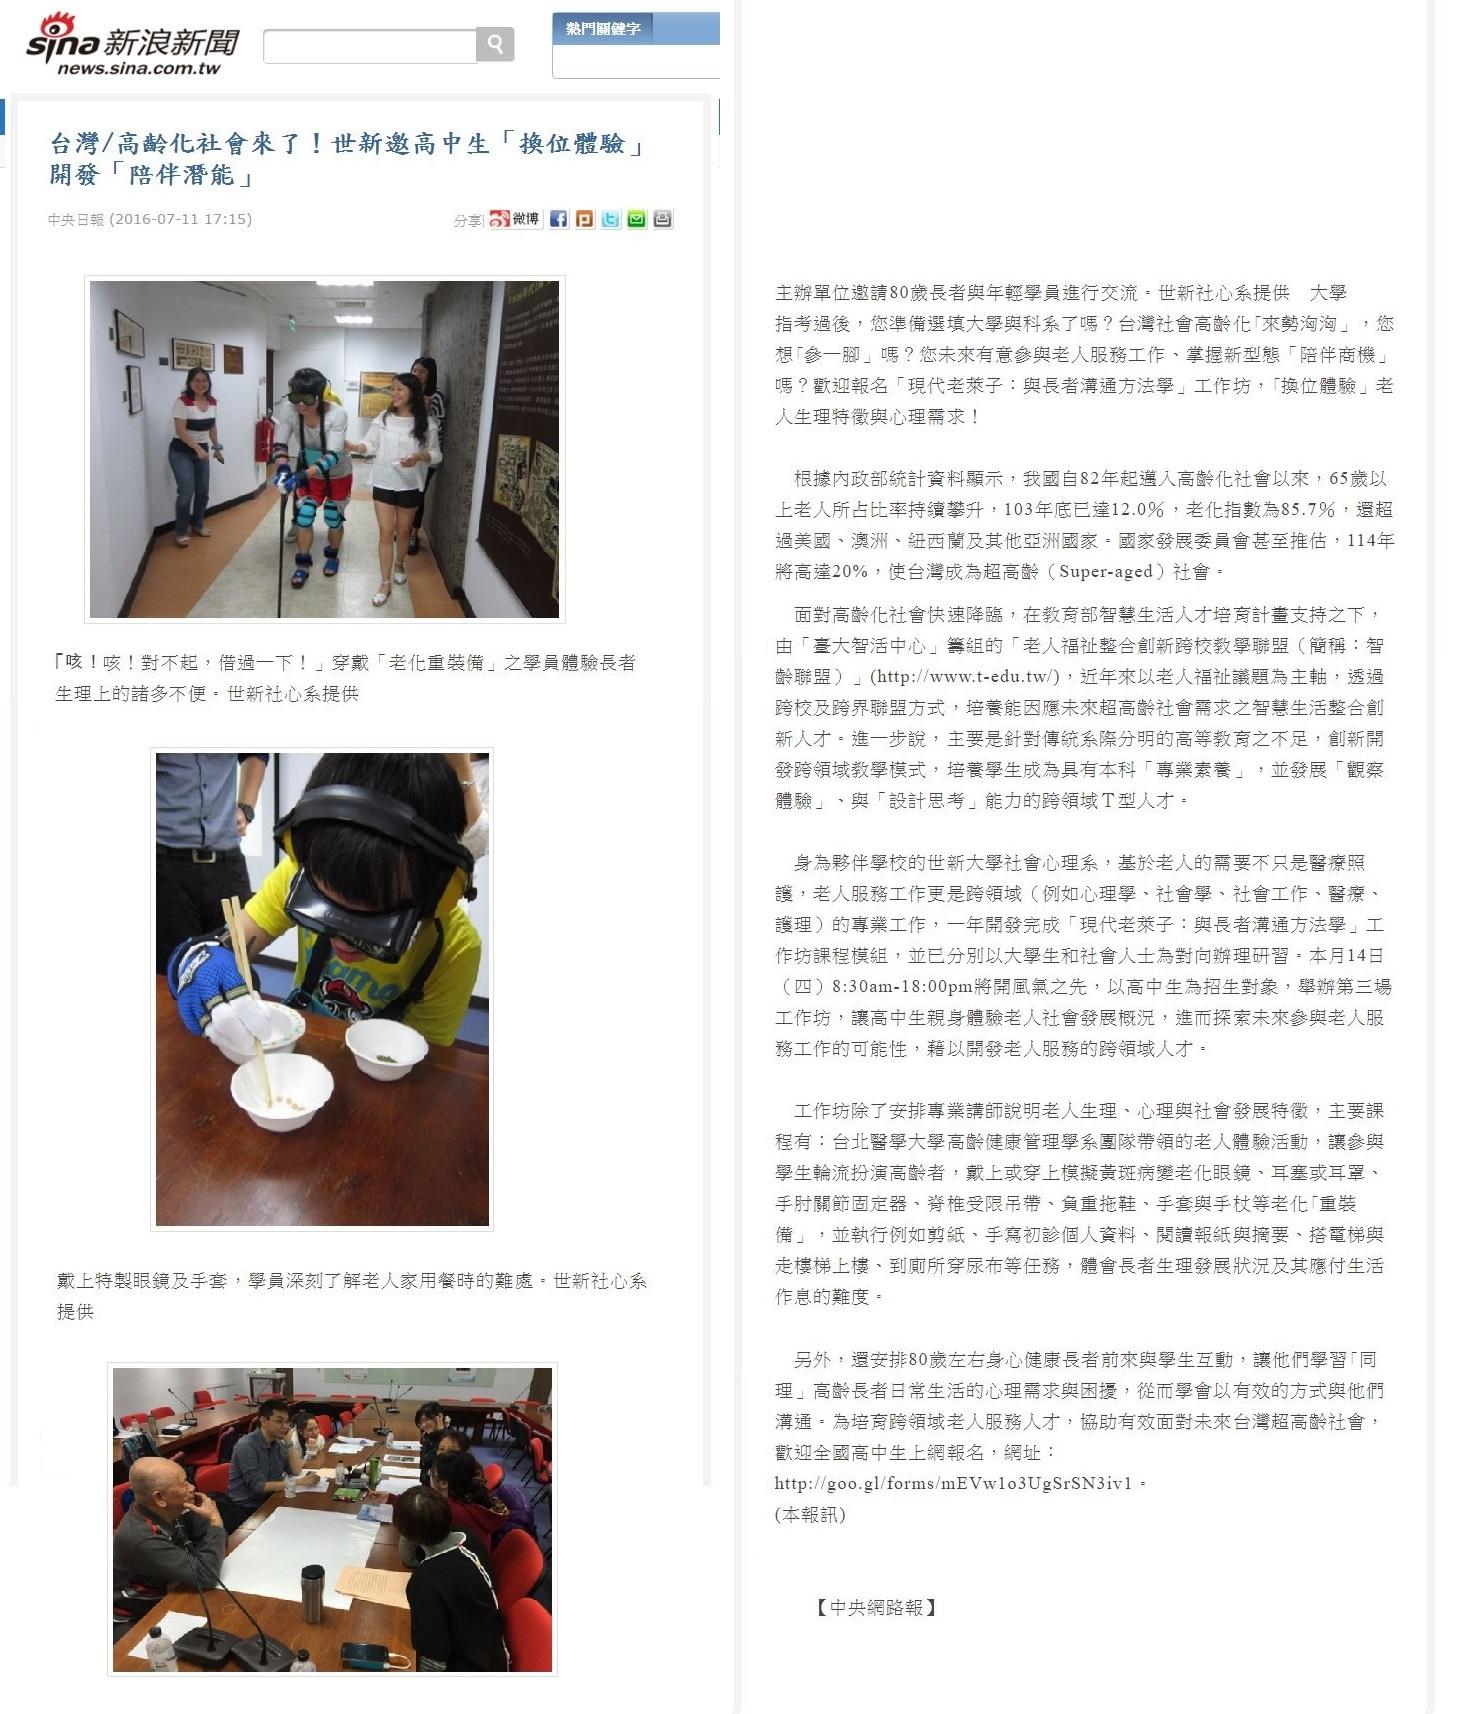 1050711新浪新聞網-高齡化社會來了!世新邀高中生「換位體驗」開發「陪伴潛能」